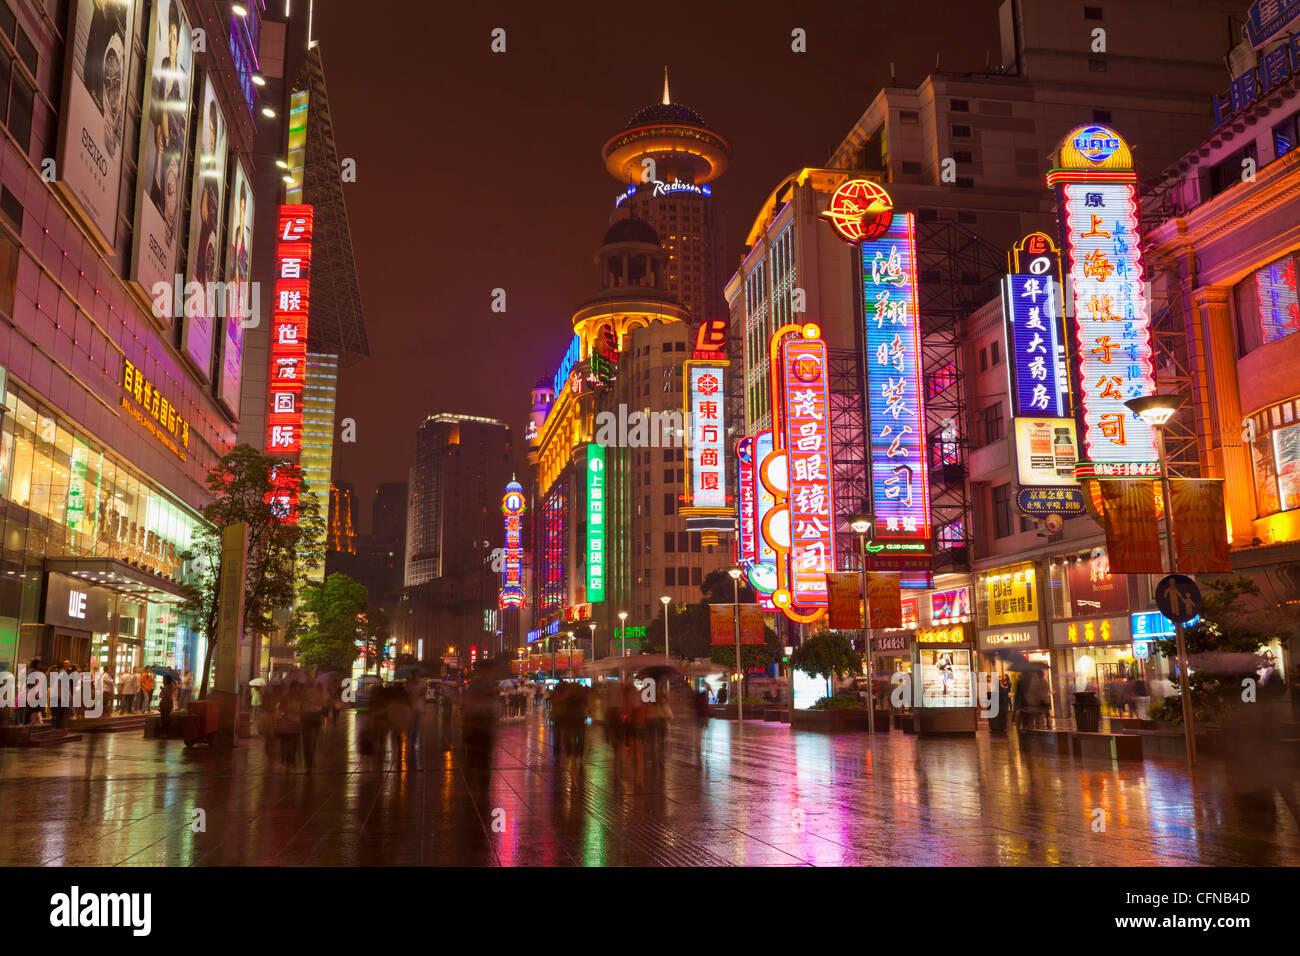 Insegne al neon e gli acquirenti, Nanjing Road, Shanghai, Cina e Asia Immagini Stock